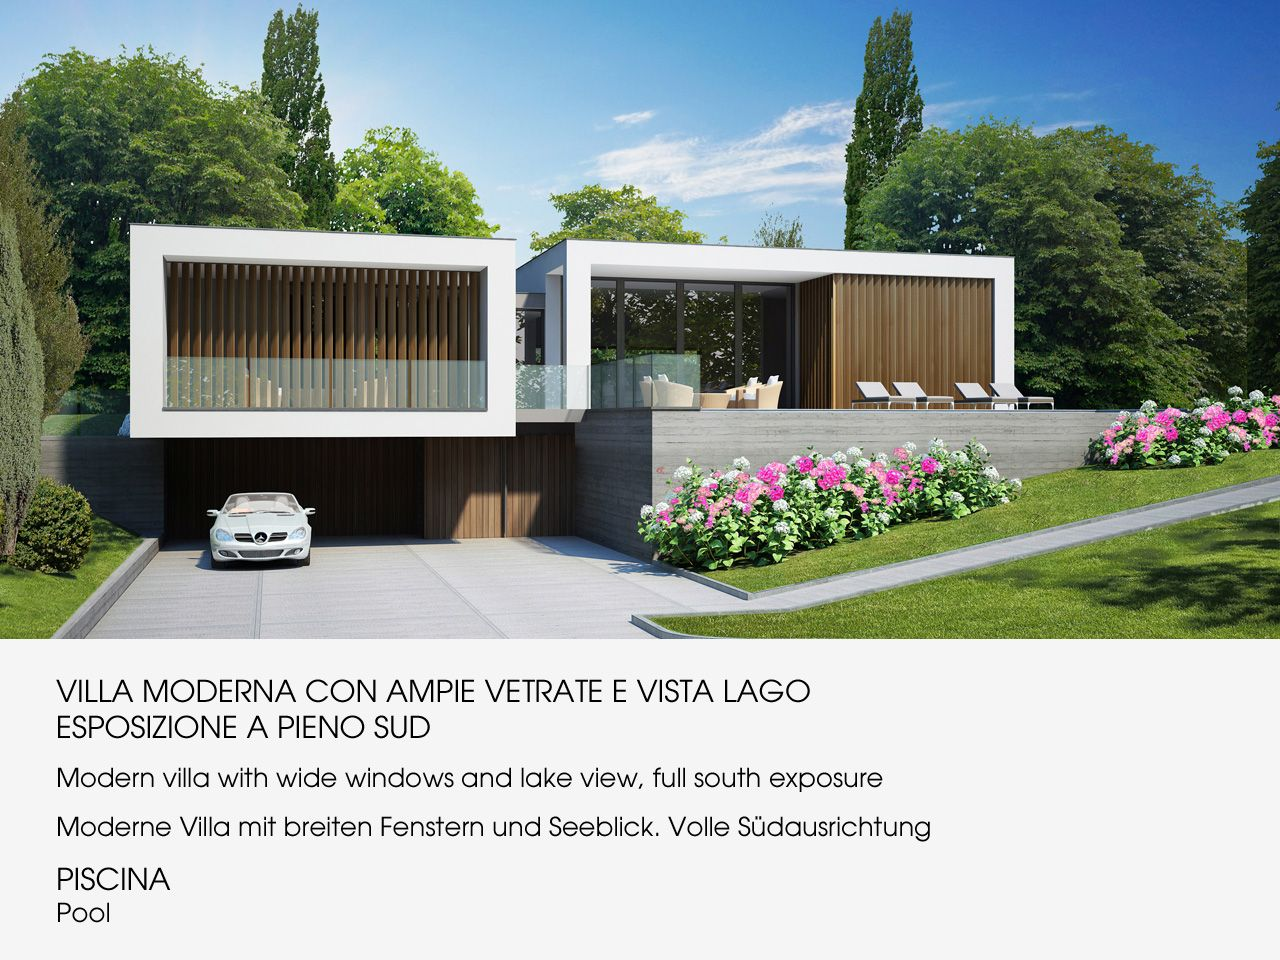 Arizzano villa moderna vista lago nuova con piscina for Progetto casa moderna nuova costruzione